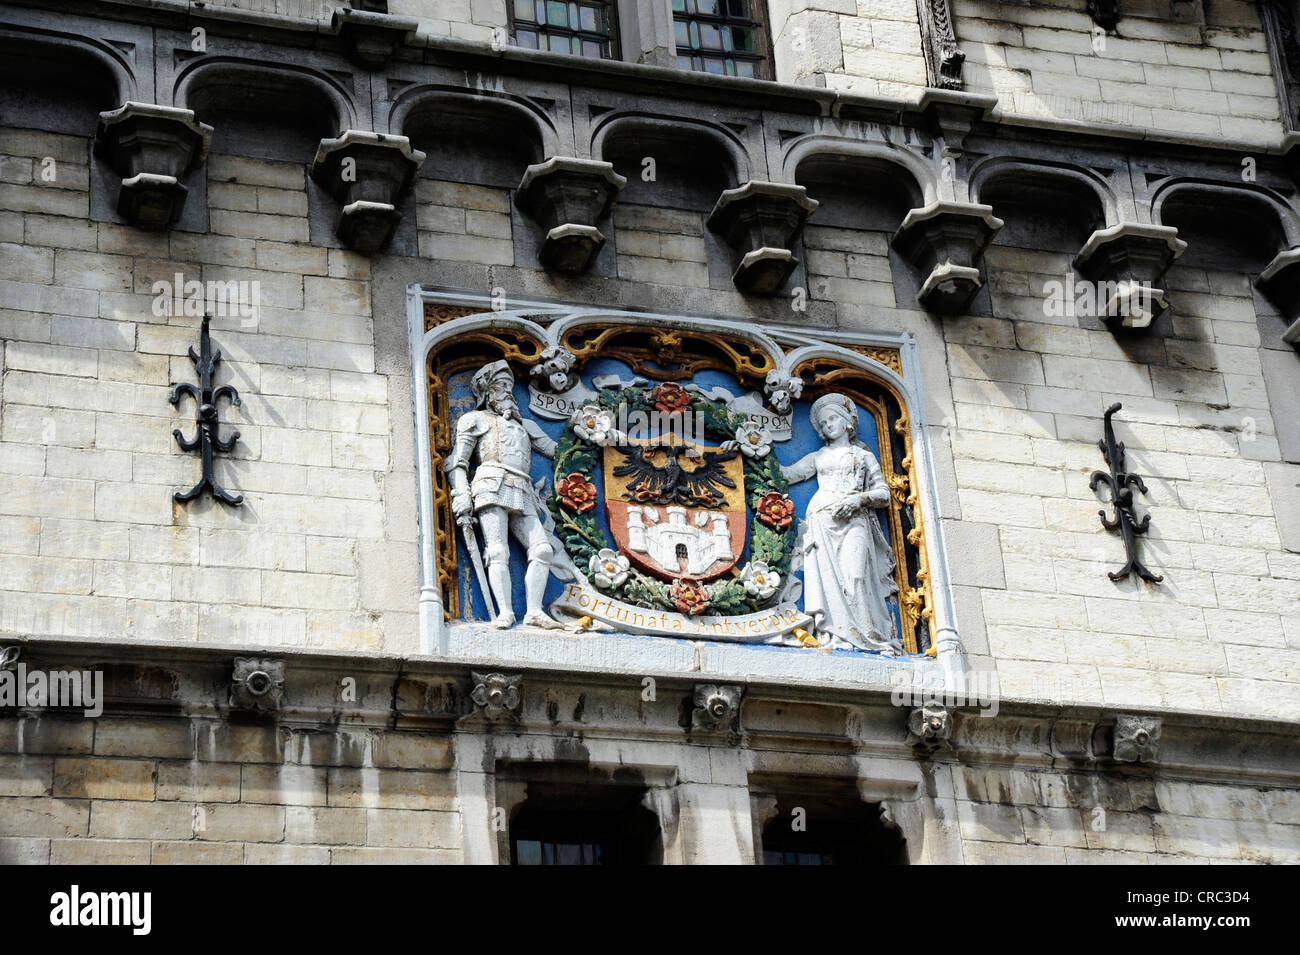 Medieval facade with coat of arms, museum and fortress Het Steen, Antwerp, Flanders, Belgium, Benelux, Europe - Stock Image